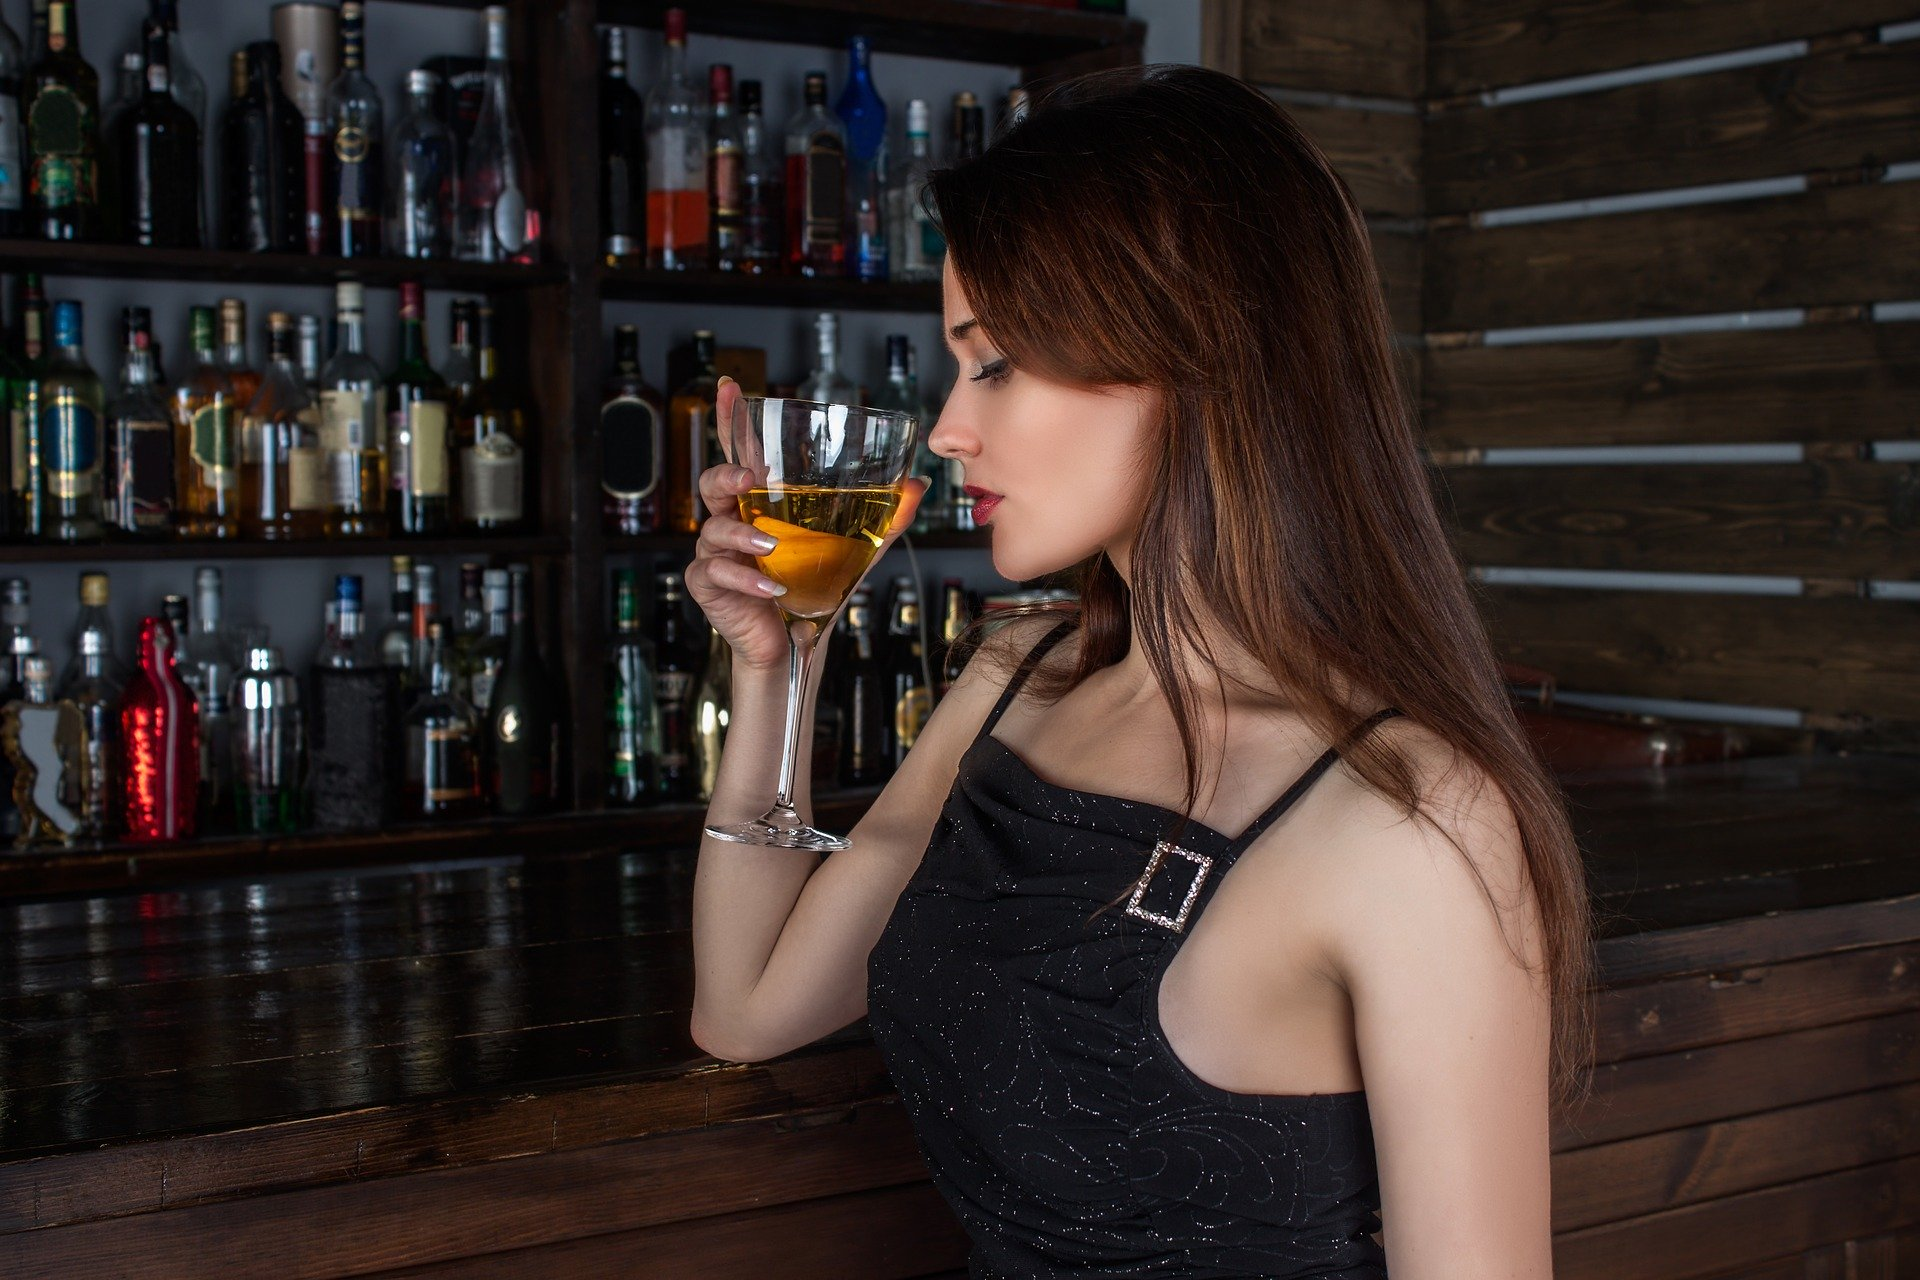 Việt nam là thị trường tiêu thụ rượu cực kỳ cao, lọt hàng top trên thế giới nên ngày càng có nhiều doanh nghiệp tập trung đầu tư vào kinh doanh, sản xuất rượu.